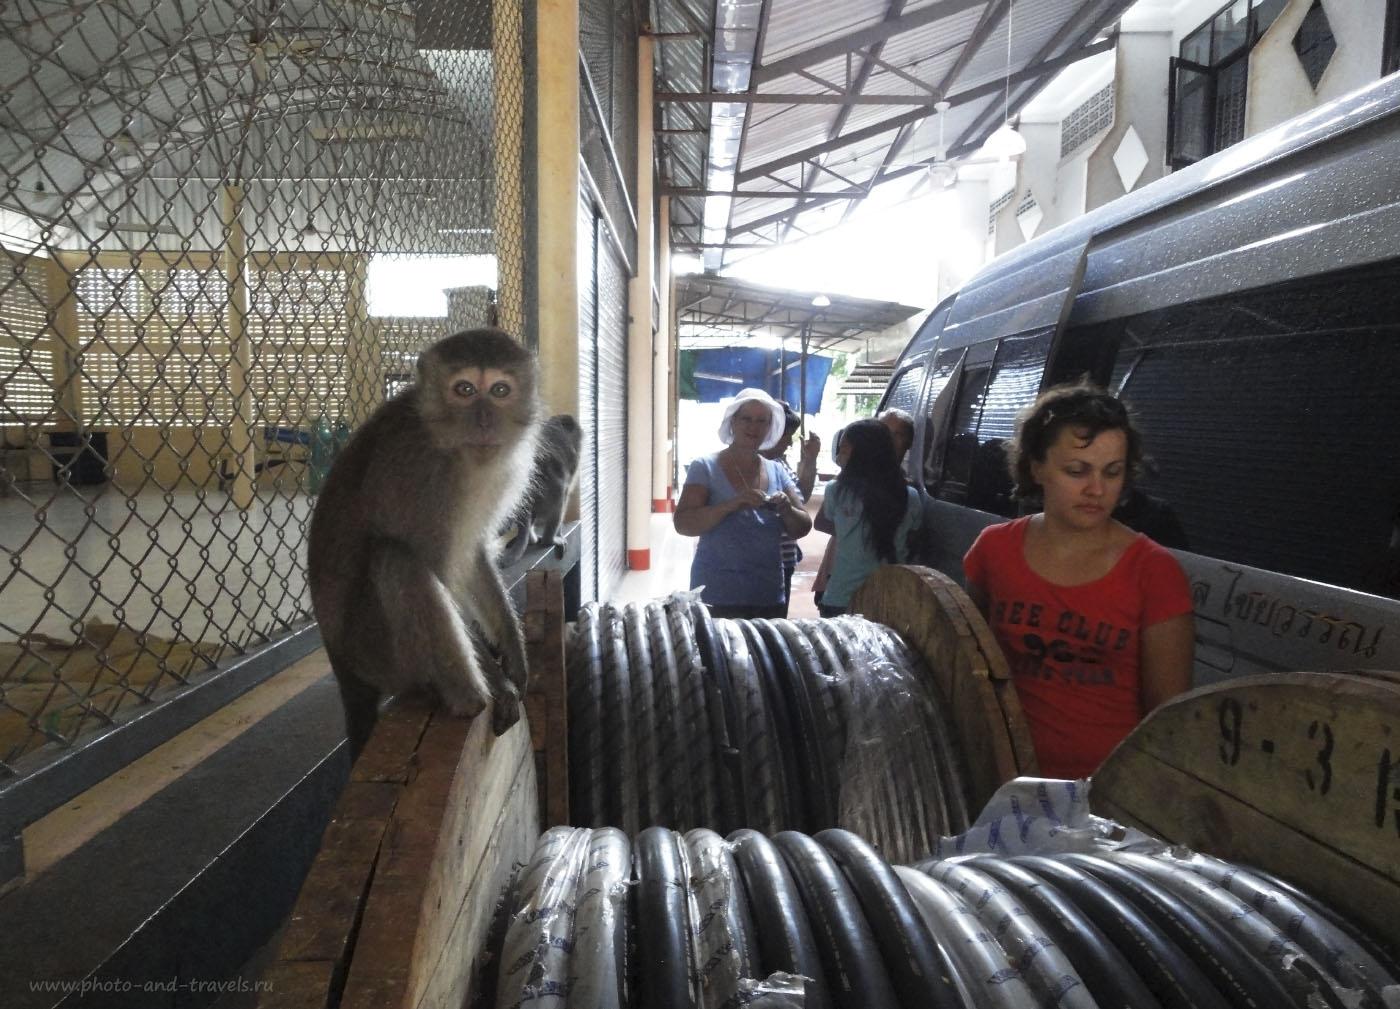 Фотография 6. Во время первого самостоятельного путешествия в Краби в 2010 году мы ездили на экскурсии, покупая путевки в уличных туристических агентствах. Этот снимок получен на стоянке у Храма Тигриной Пещеры (Wat Tham Sua или Tiger Cave). Весной 2015 года мы ездили по Тайланду за рулем арендованной машины, и приехали сюда снова. Только не пришлось больше спешить. В отчете за 2015 год читайте советы по безопасному общению с обезьянами.